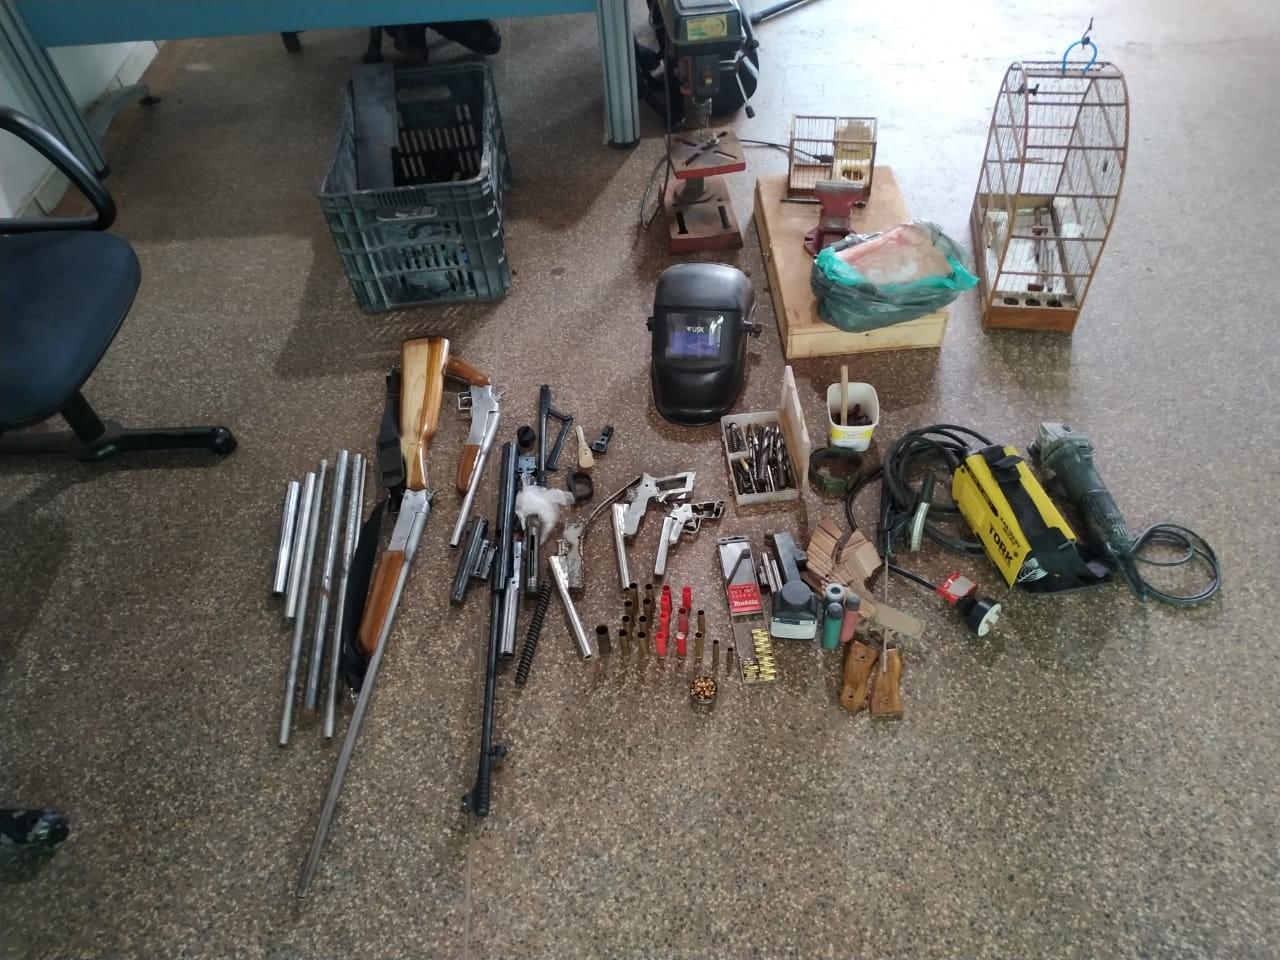 Homem é preso suspeito de fabricar e vender armas pela internet em Cacoal, RO